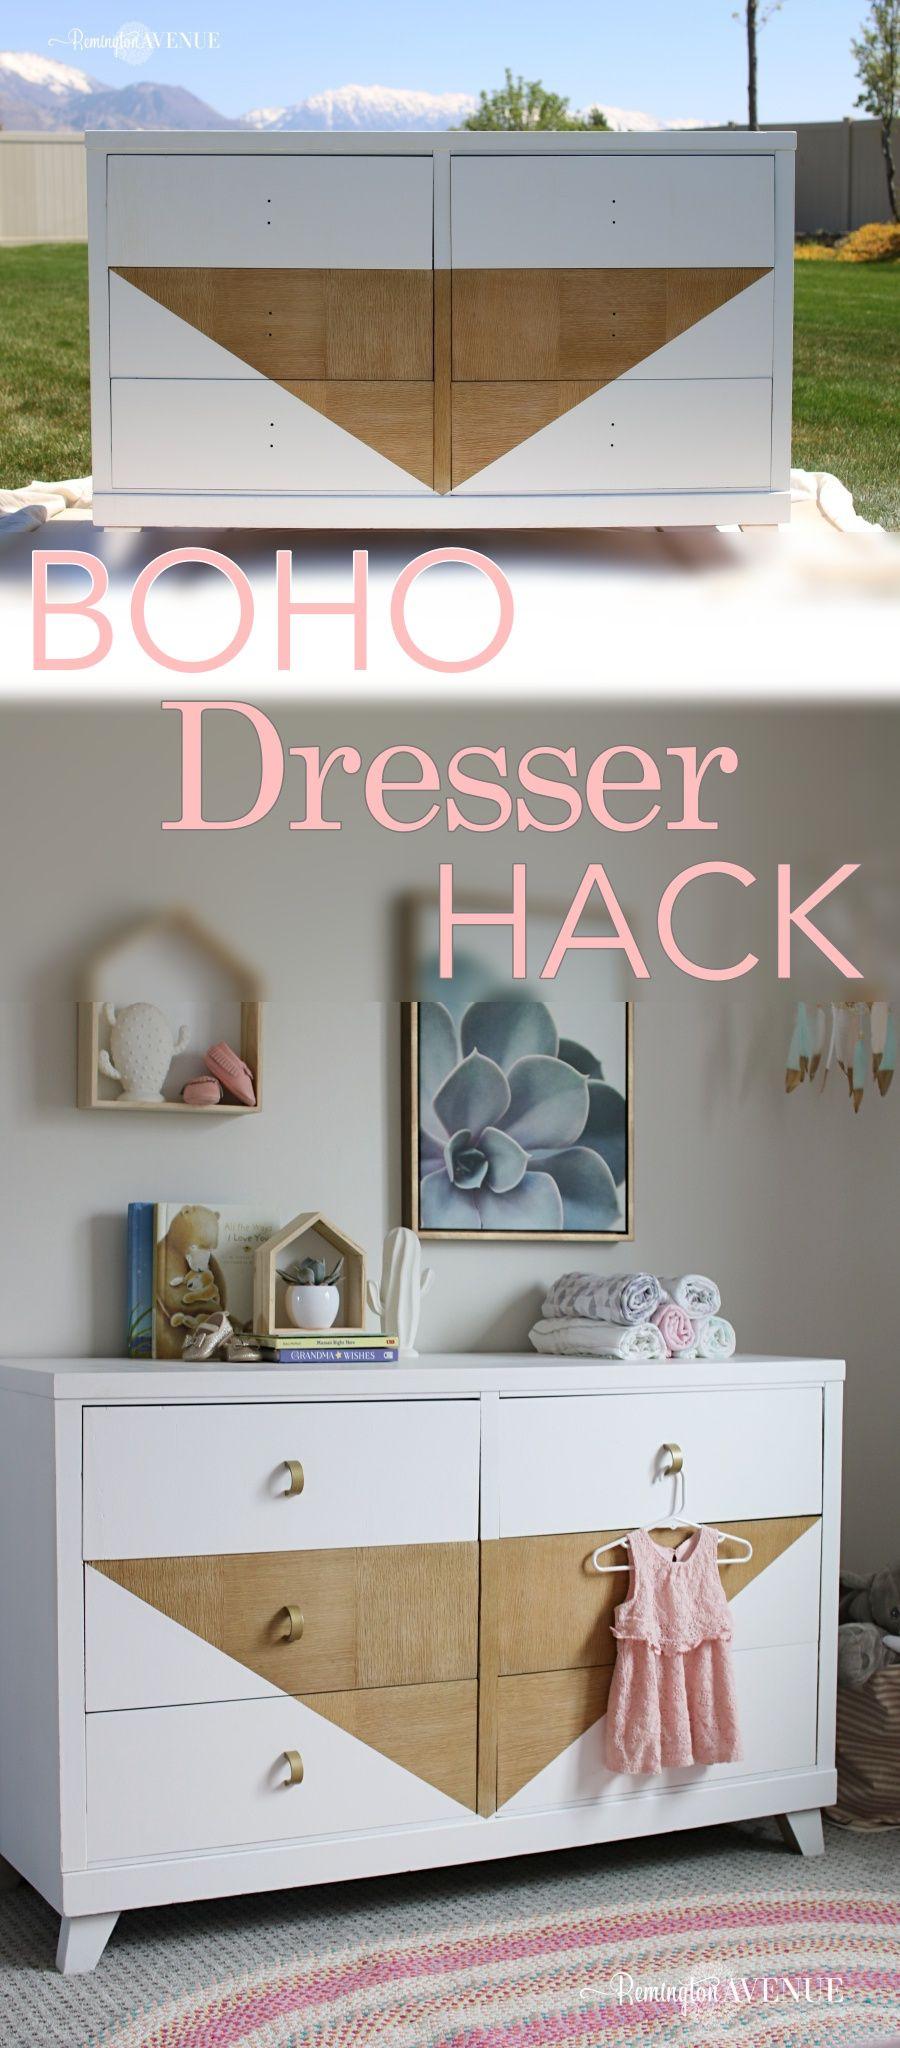 Diy Boho Dresser Diy Boho Decor Furniture Diy Home Diy